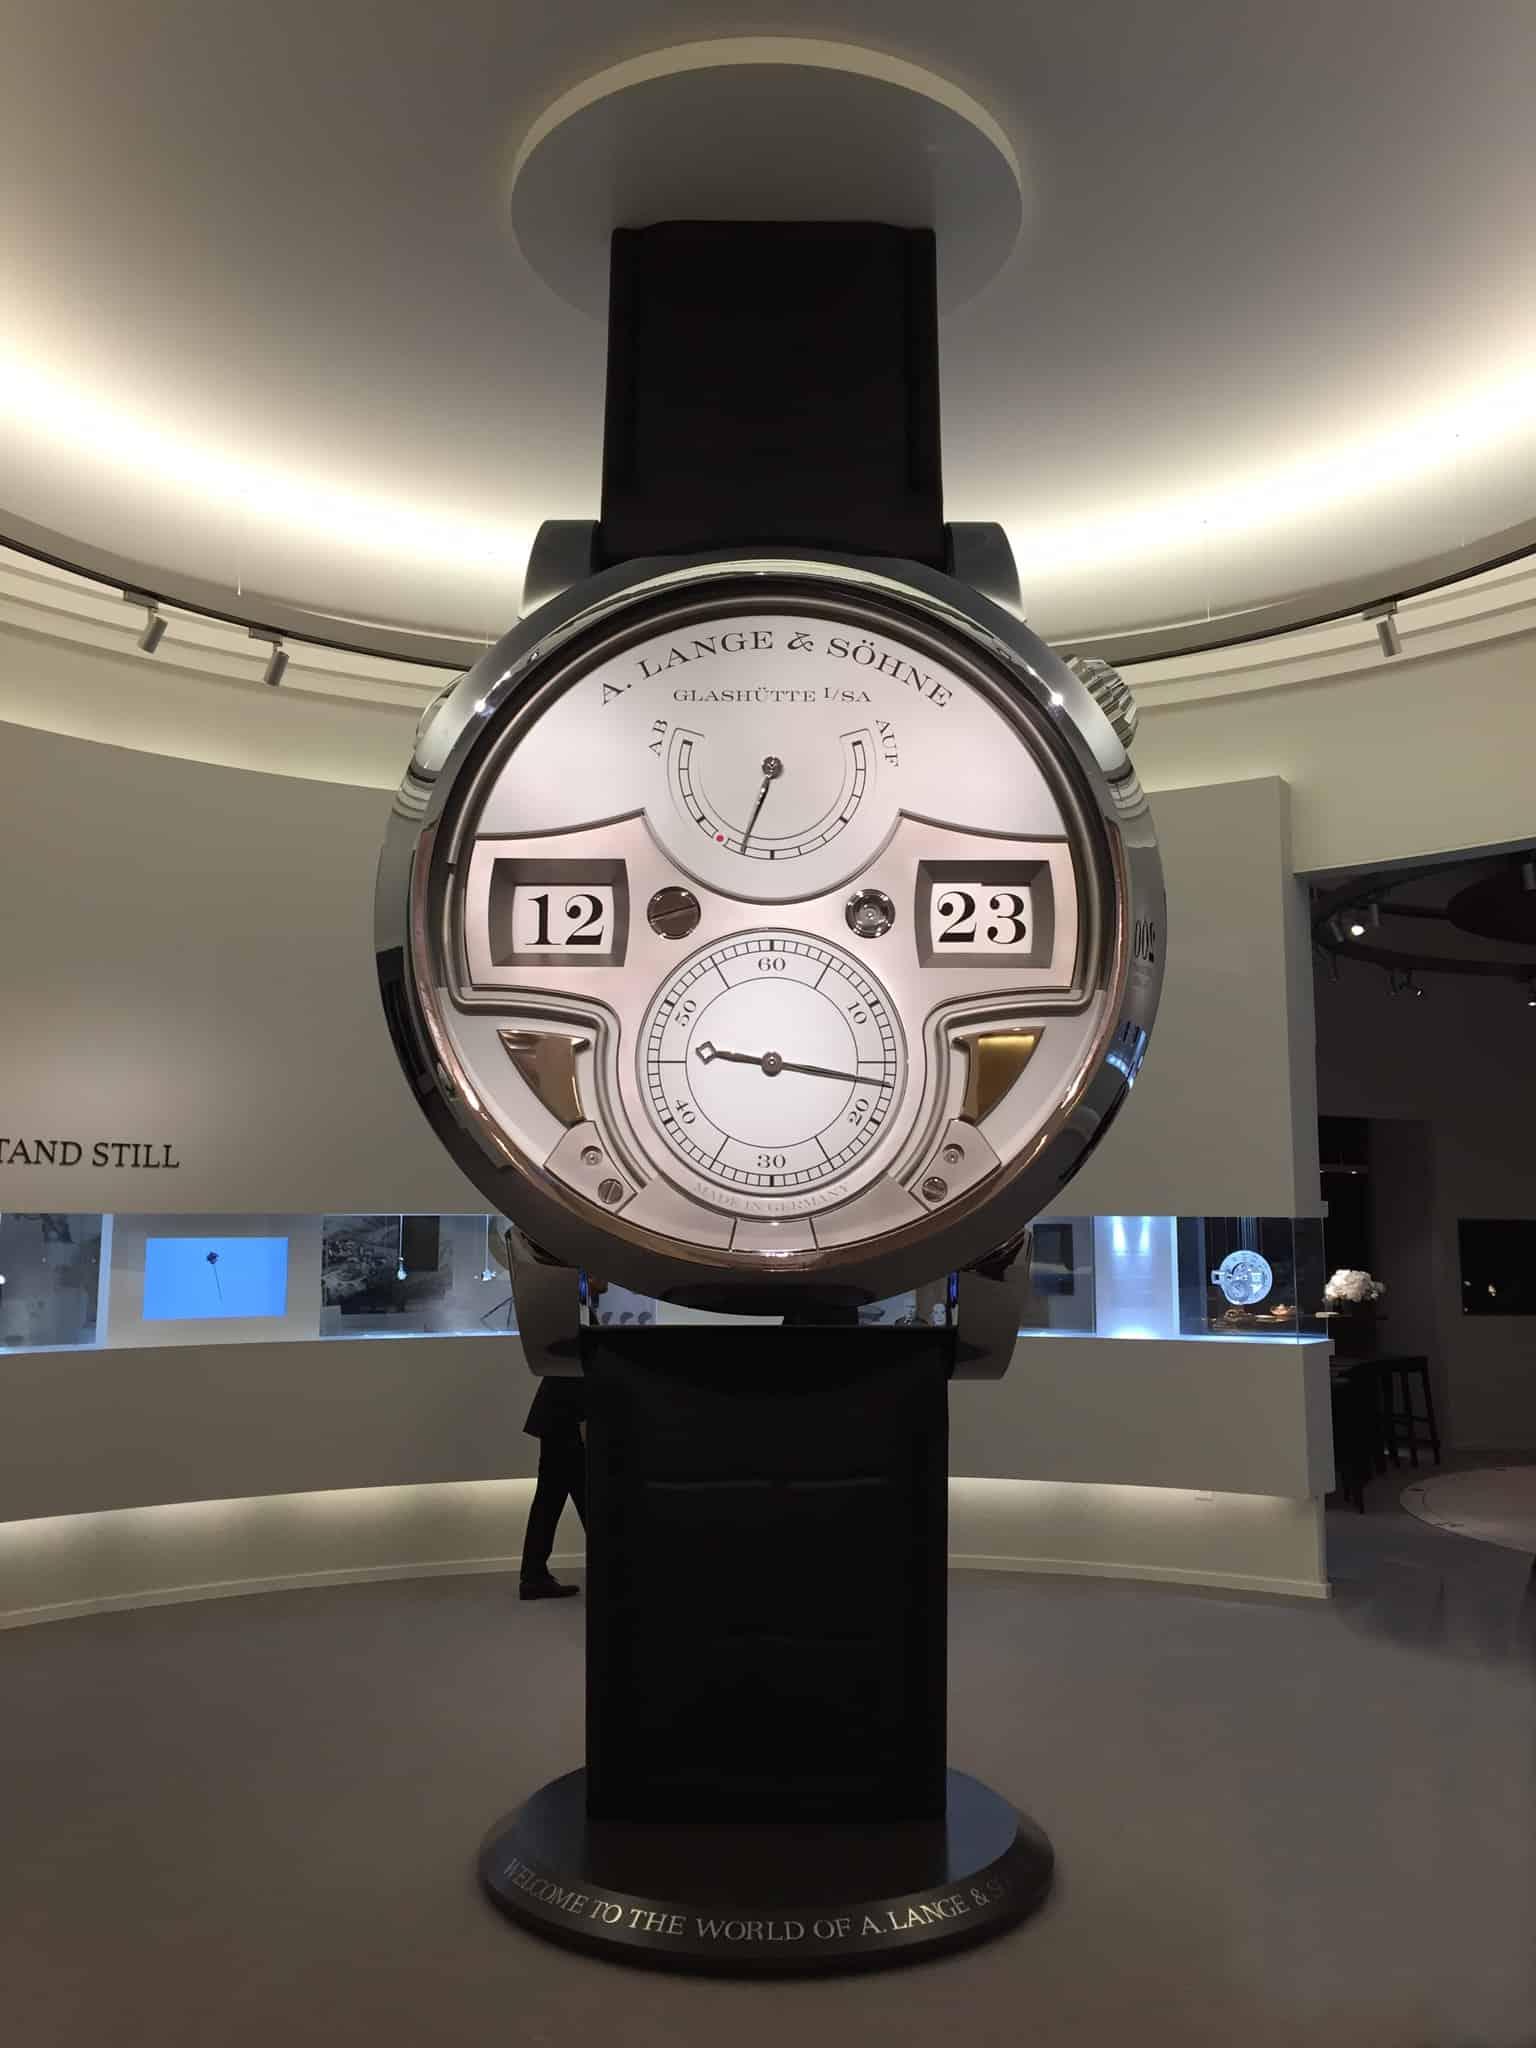 Zeitwerk-Minutenrepetition im Großformat am SIHH-Messestand von A. Lange & Söhne im Jahr 2015